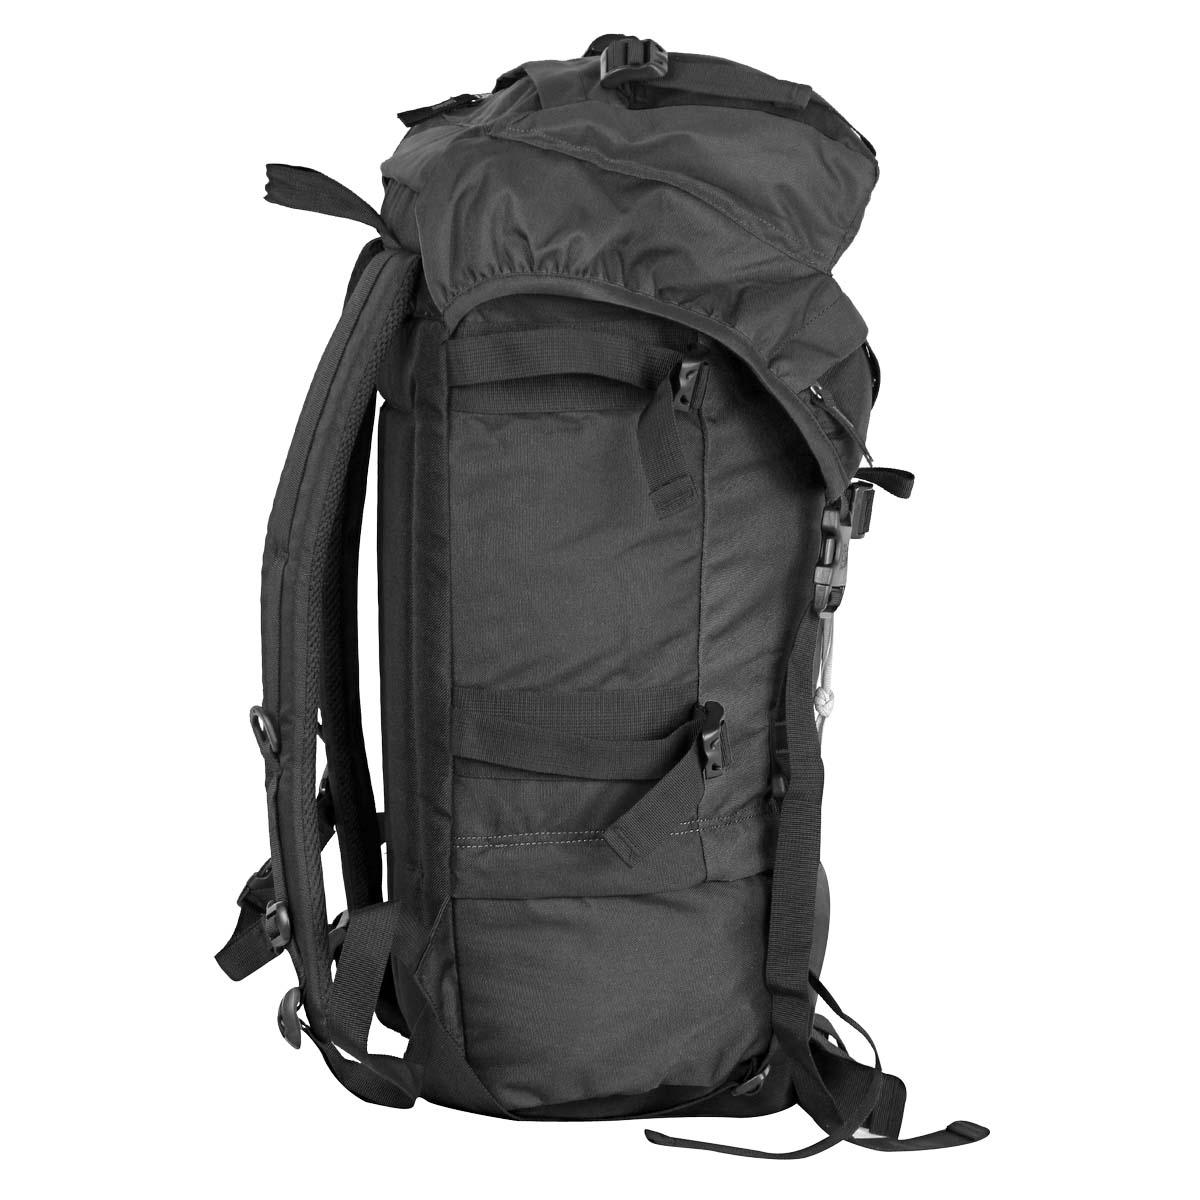 Рюкзак экспедиционный Polar, 45 л, цвет: черный. П930-05